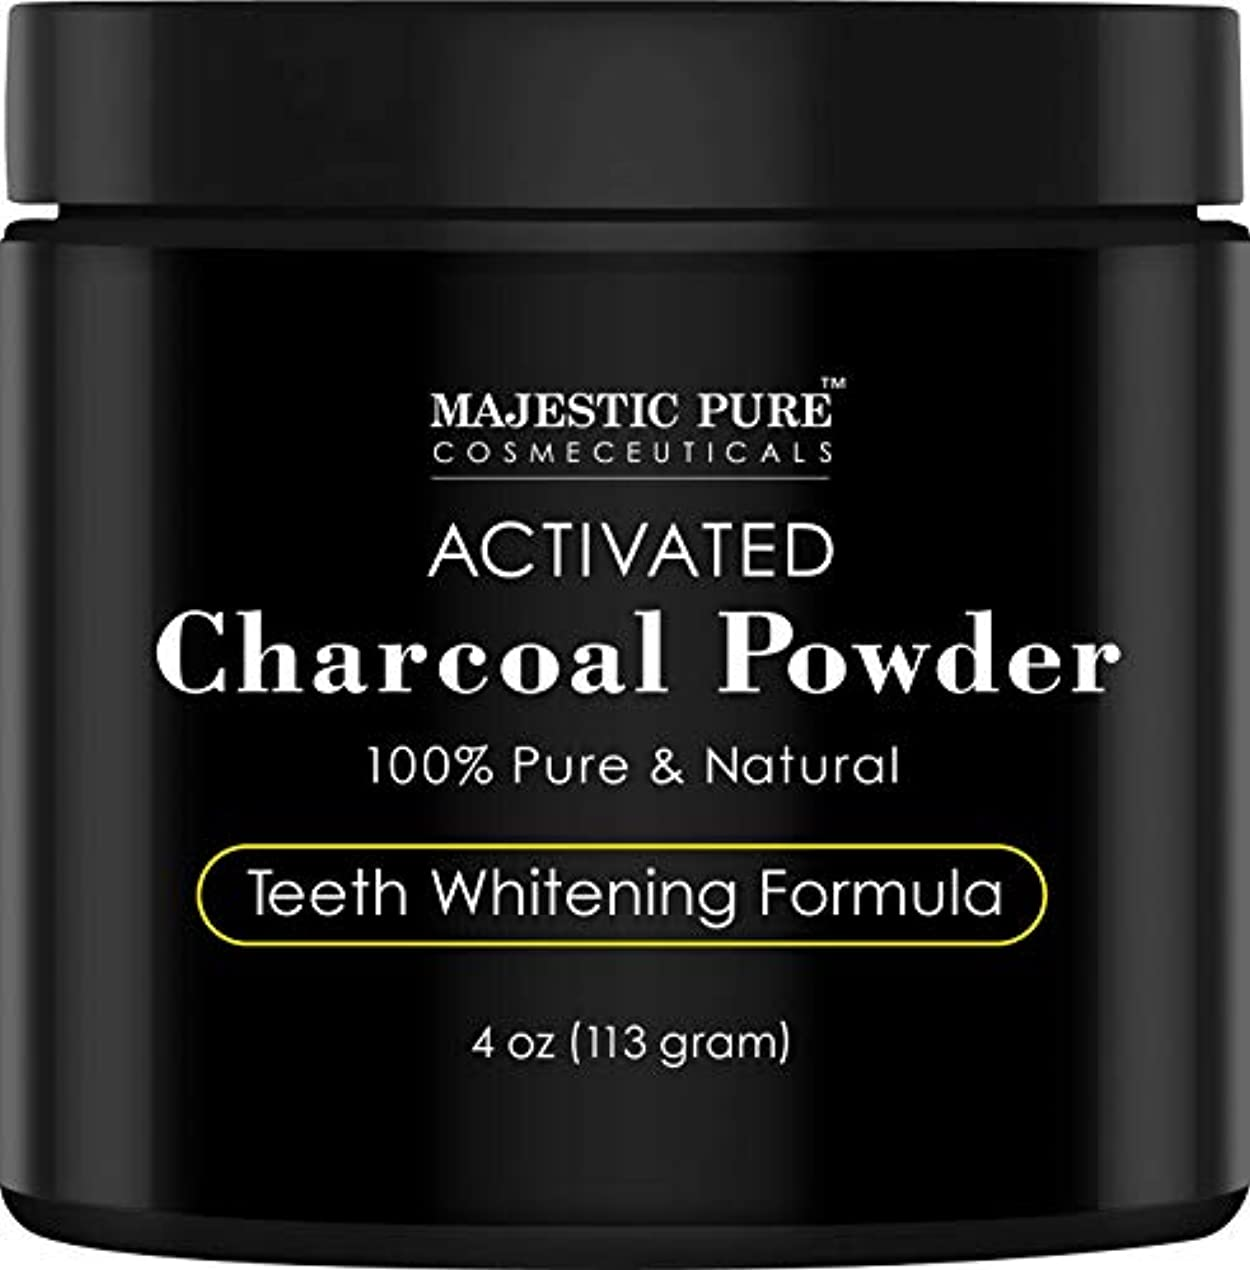 負荷ケーブルカー熱心Majestic Pure Teeth Whitening Activated Charcoal Powder - Natural  歯のホワイトニング ココナッツ チャコールパウダー4 oz (113g)